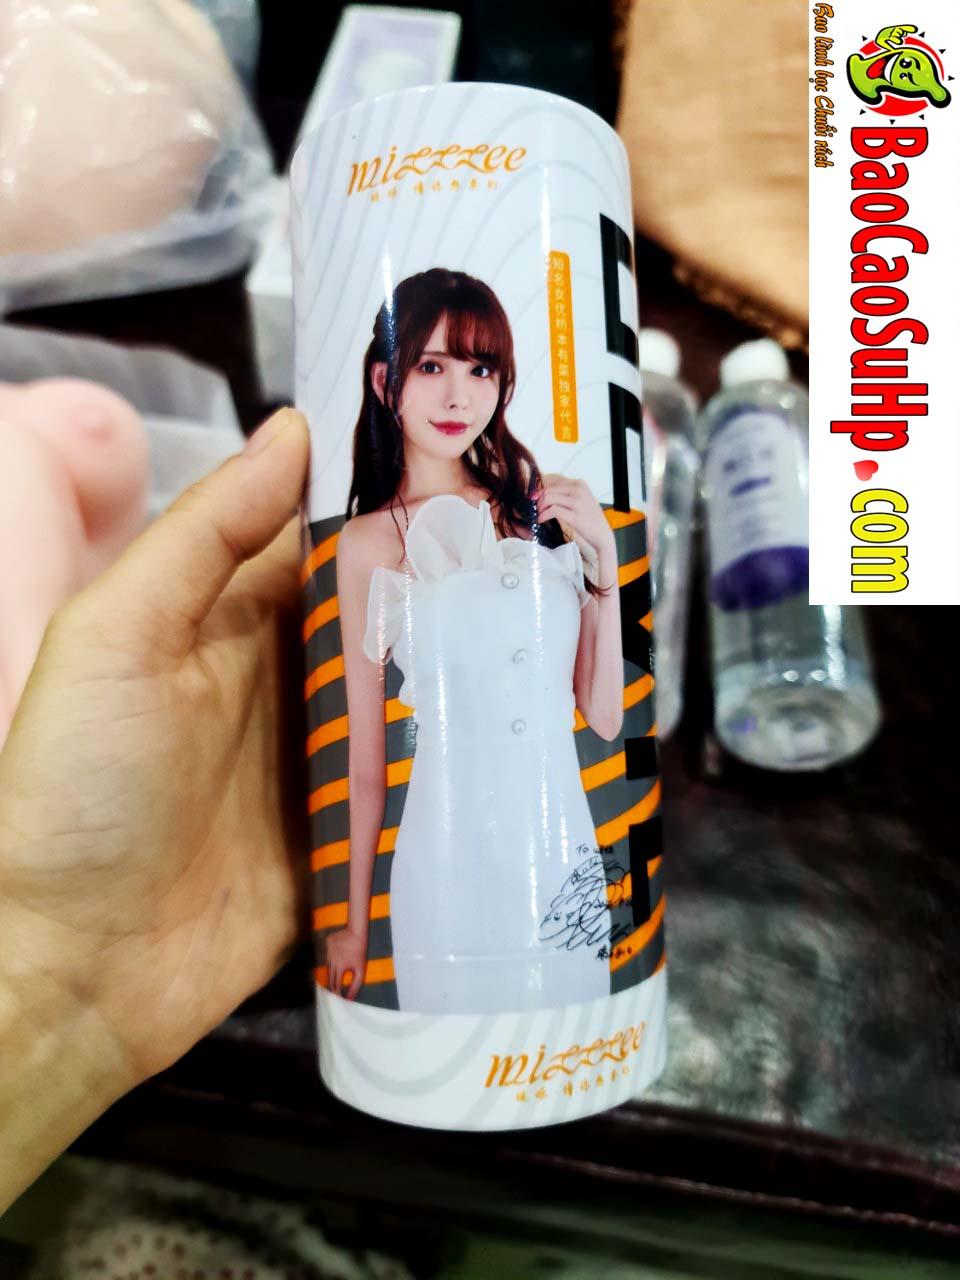 Am dao trong suot moi nhat nam 2021 Mystery Ji Devil Airplane Cup - Cốc âm đạo xoắn hút ZZ12 trong suốt chất lượng Nhật Bản!!